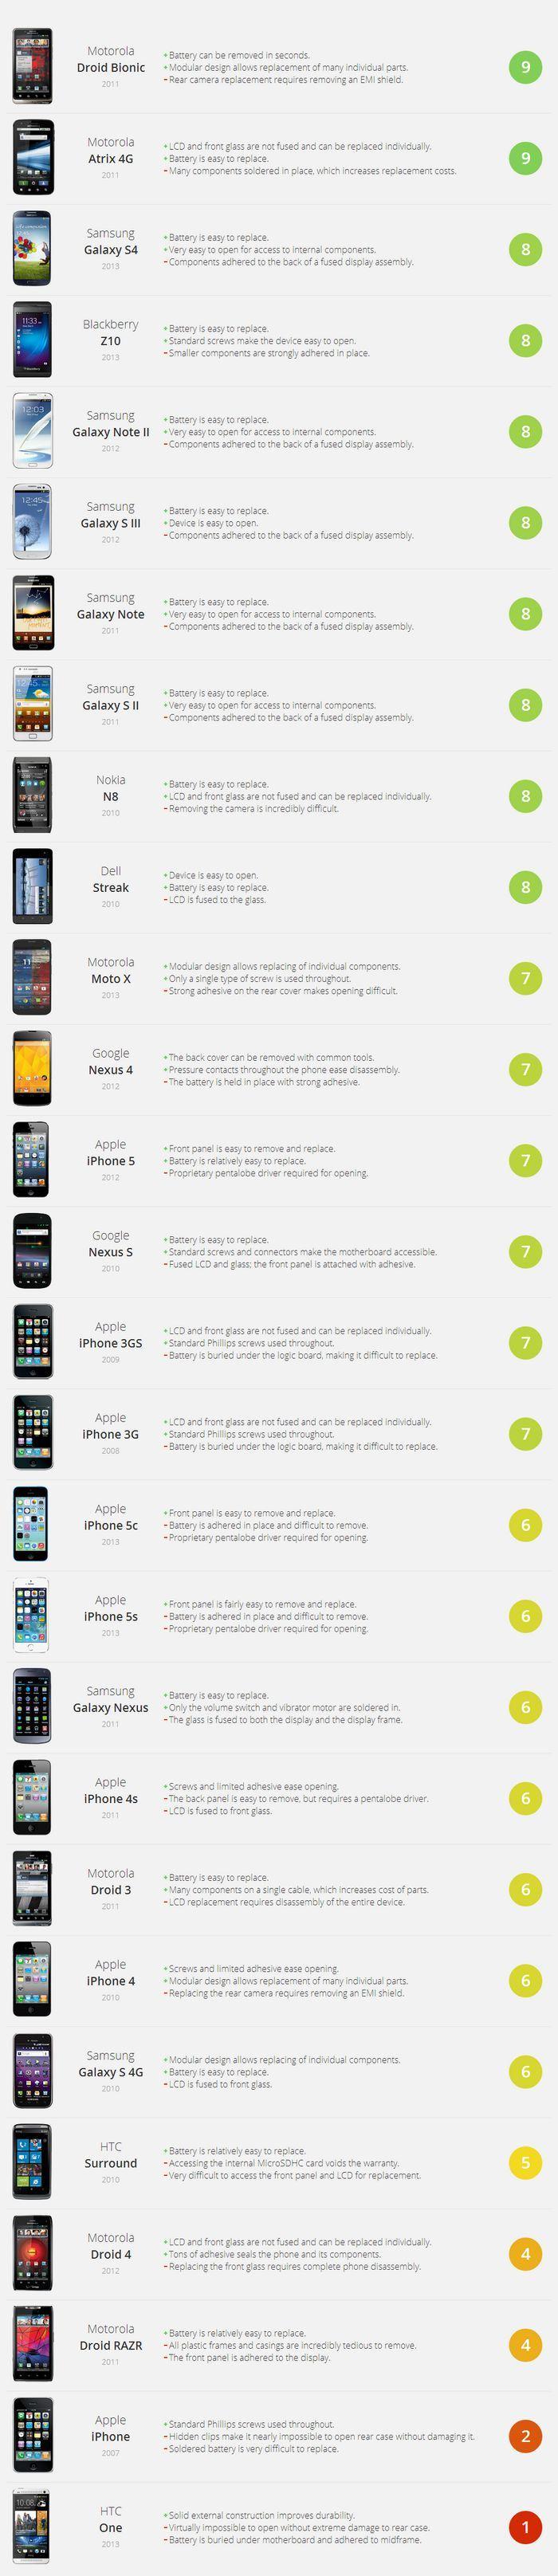 ¿Qué tan reparable es mi smartphone? [Infografía] - reparacion-smartphones